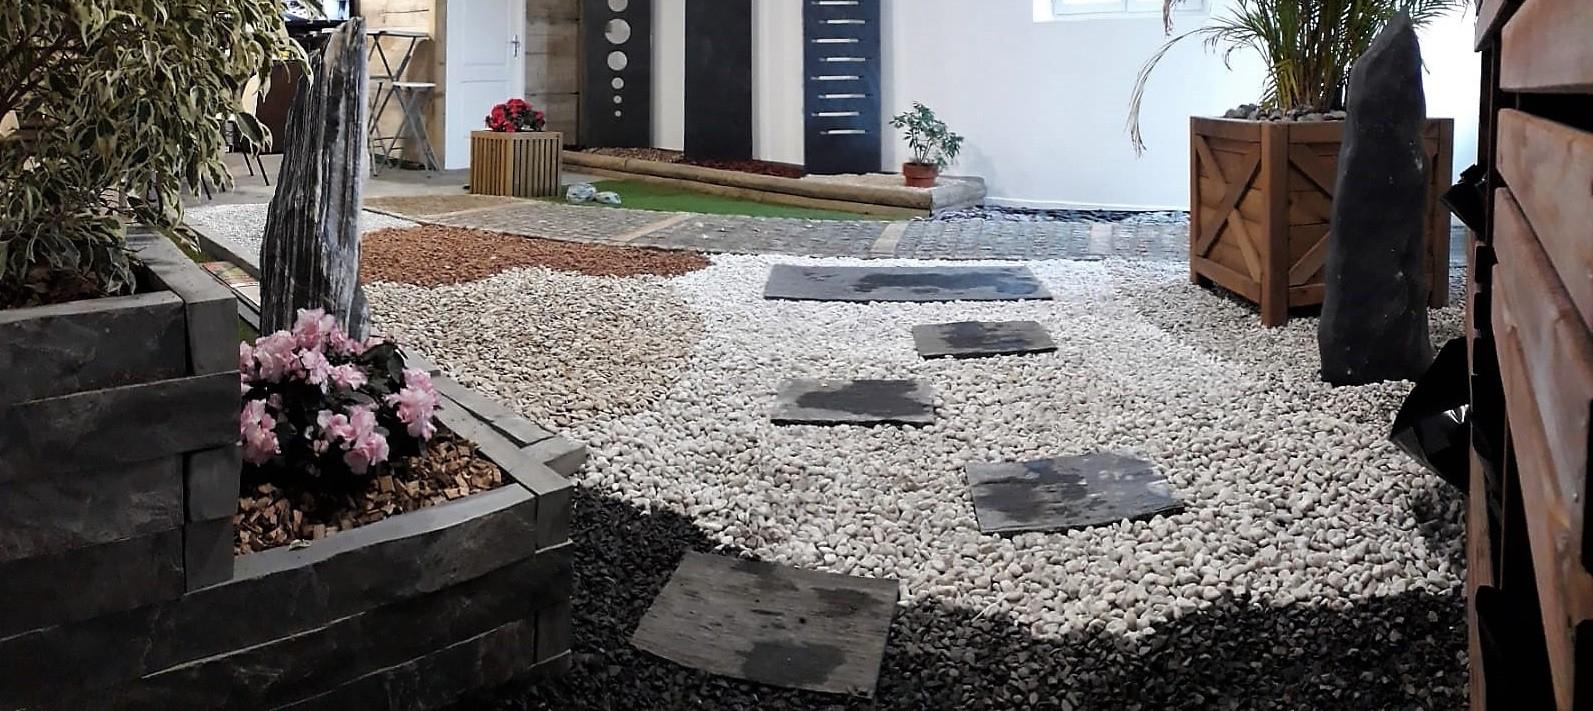 Gravier, Galet Et Paillage En Vrac Et Big Bag -Boran ... pour Cailloux Décoration Jardin